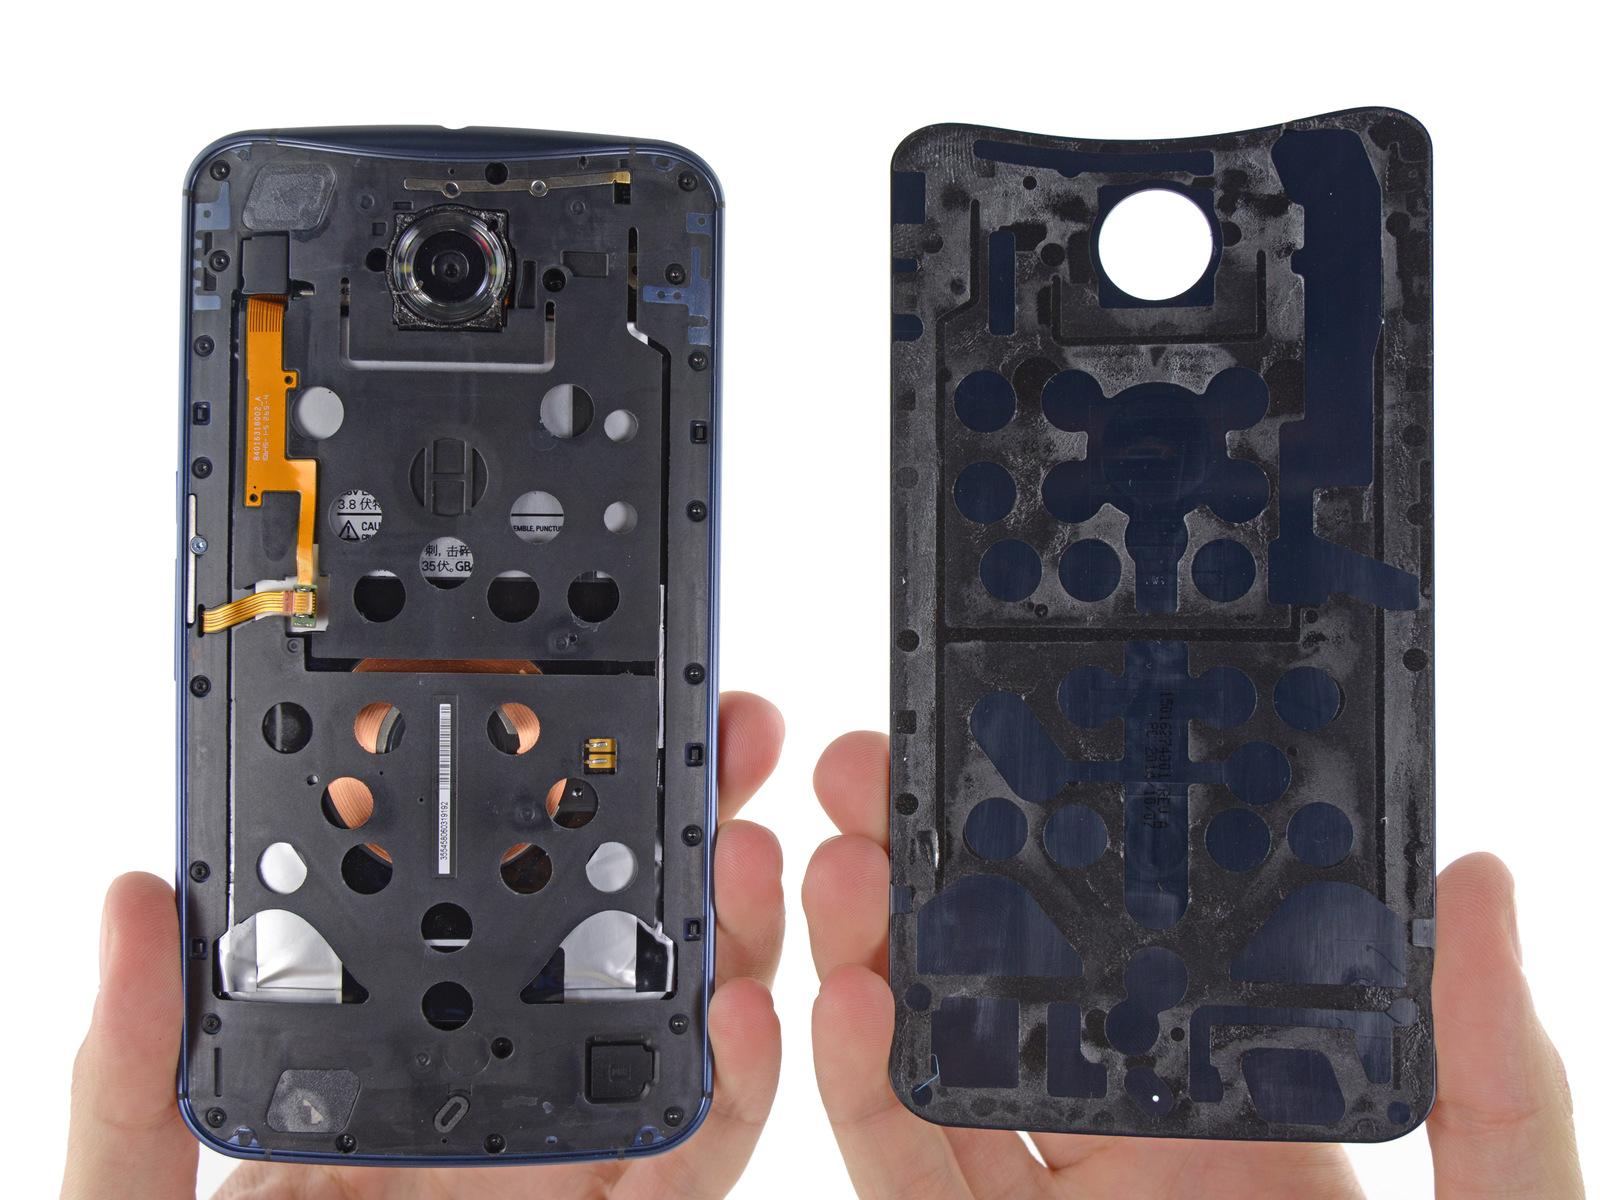 Teardown: Nexus 6 kommt mit wenig Kleber aus - Die Montage des Nexus 6 kommt ohne viel Kleber aus. (Bild: iFixit)